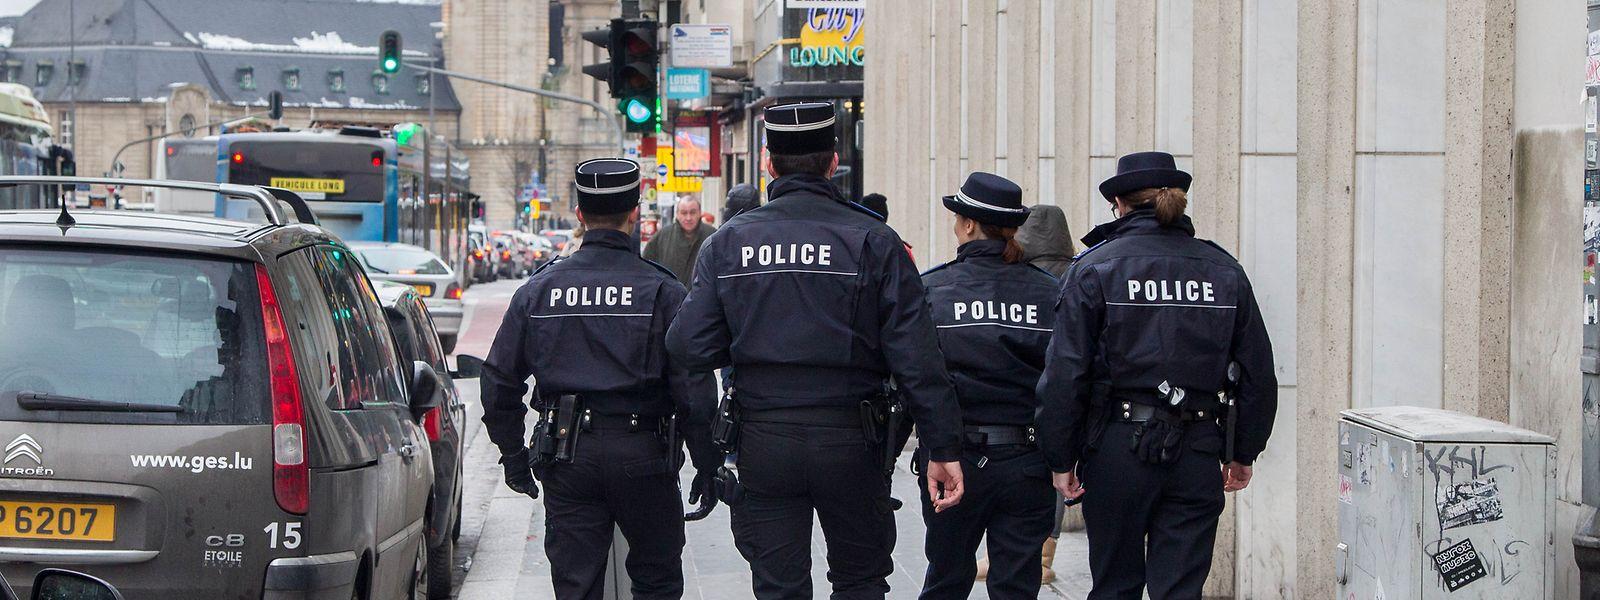 Ein Petitionär fordert eine stärkere Polizeipräsenz im hauptstädtischen Bahnhofsviertel.